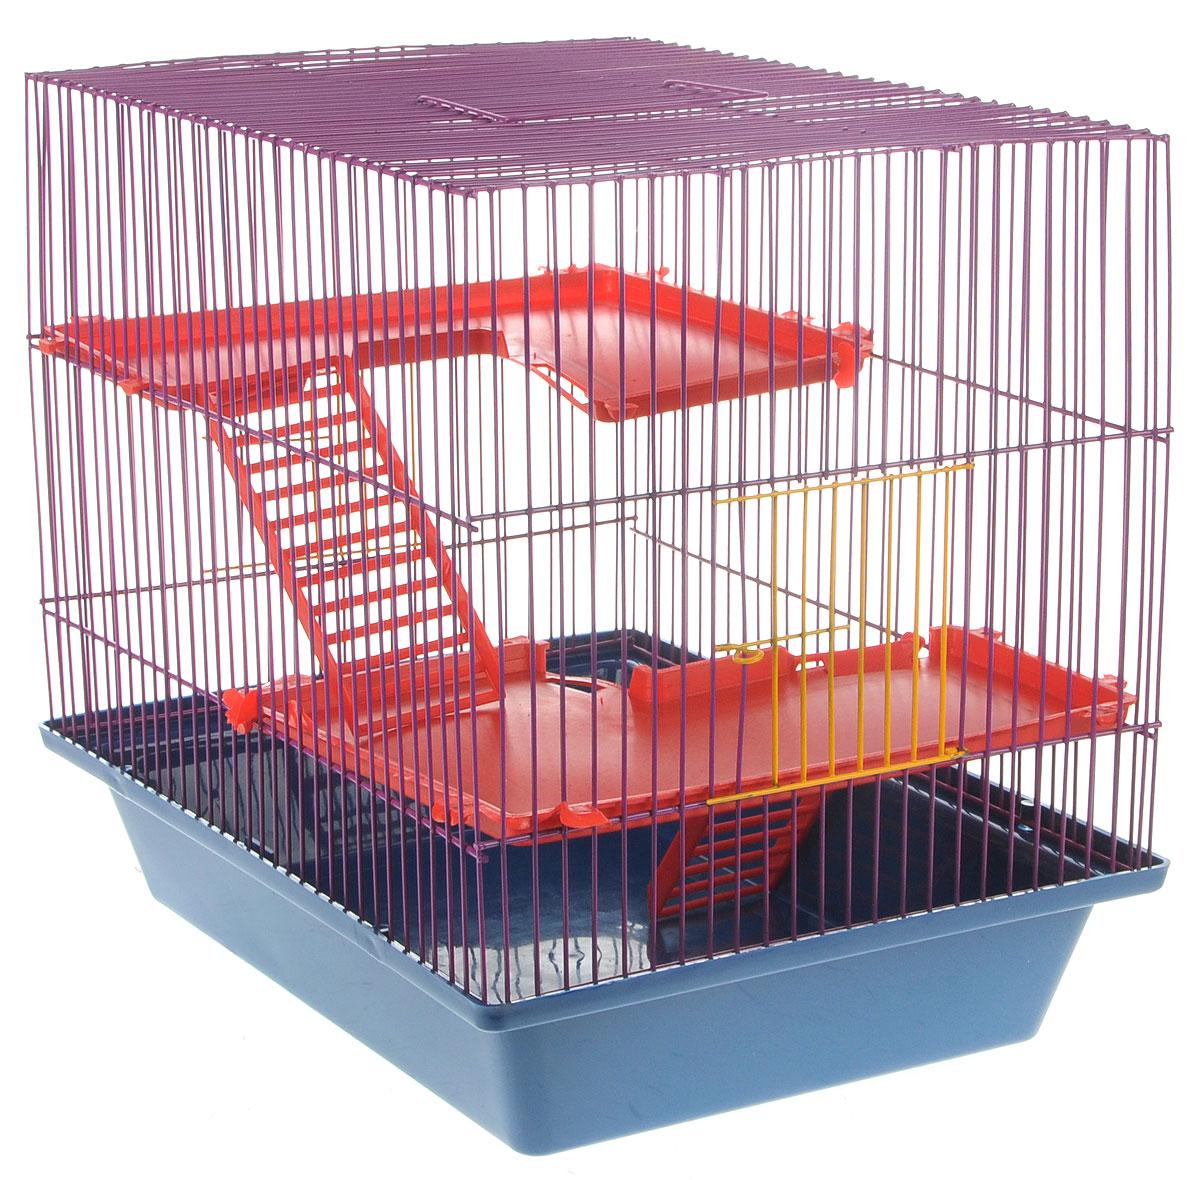 Клетка для грызунов ЗооМарк Гризли, 3-этажная, цвет: синий поддон, фиолетовая решетка, красные этажи, 41 х 30 х 36 см410_красный/оранжевыйКлетка ЗооМарк Гризли, выполненная из полипропилена и металла, подходит для мелких грызунов. Изделие трехэтажное. Клетка имеет яркий поддон, удобна в использовании и легко чистится. Сверху имеется ручка для переноски.Такая клетка станет уединенным личным пространством и уютным домиком для маленького грызуна.